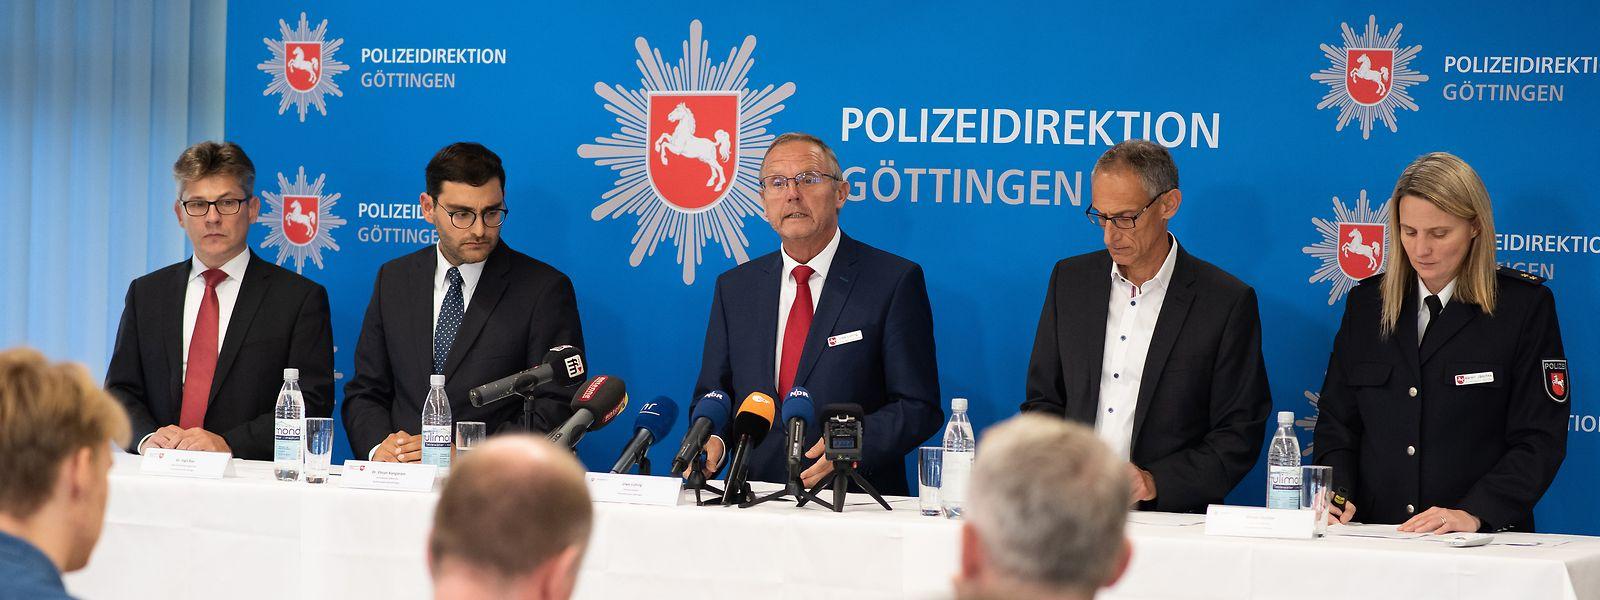 Unter der Führung und Koordination der Polizeidirektion Göttingen wurden am Vormittag umfangreiche Polizeimaßnahmen in neun Bundesländern sowie in Litauen und Kroatien durchgeführt. Hintergrund ist ein Cybercrime-Ermittlungsverfahren wegen Straftaten im Bereich des Kriegswaffenkontrollgesetzes, des Waffengesetzes, des Sprengstoffgesetzes und des Betäubungsmittelgesetzes.